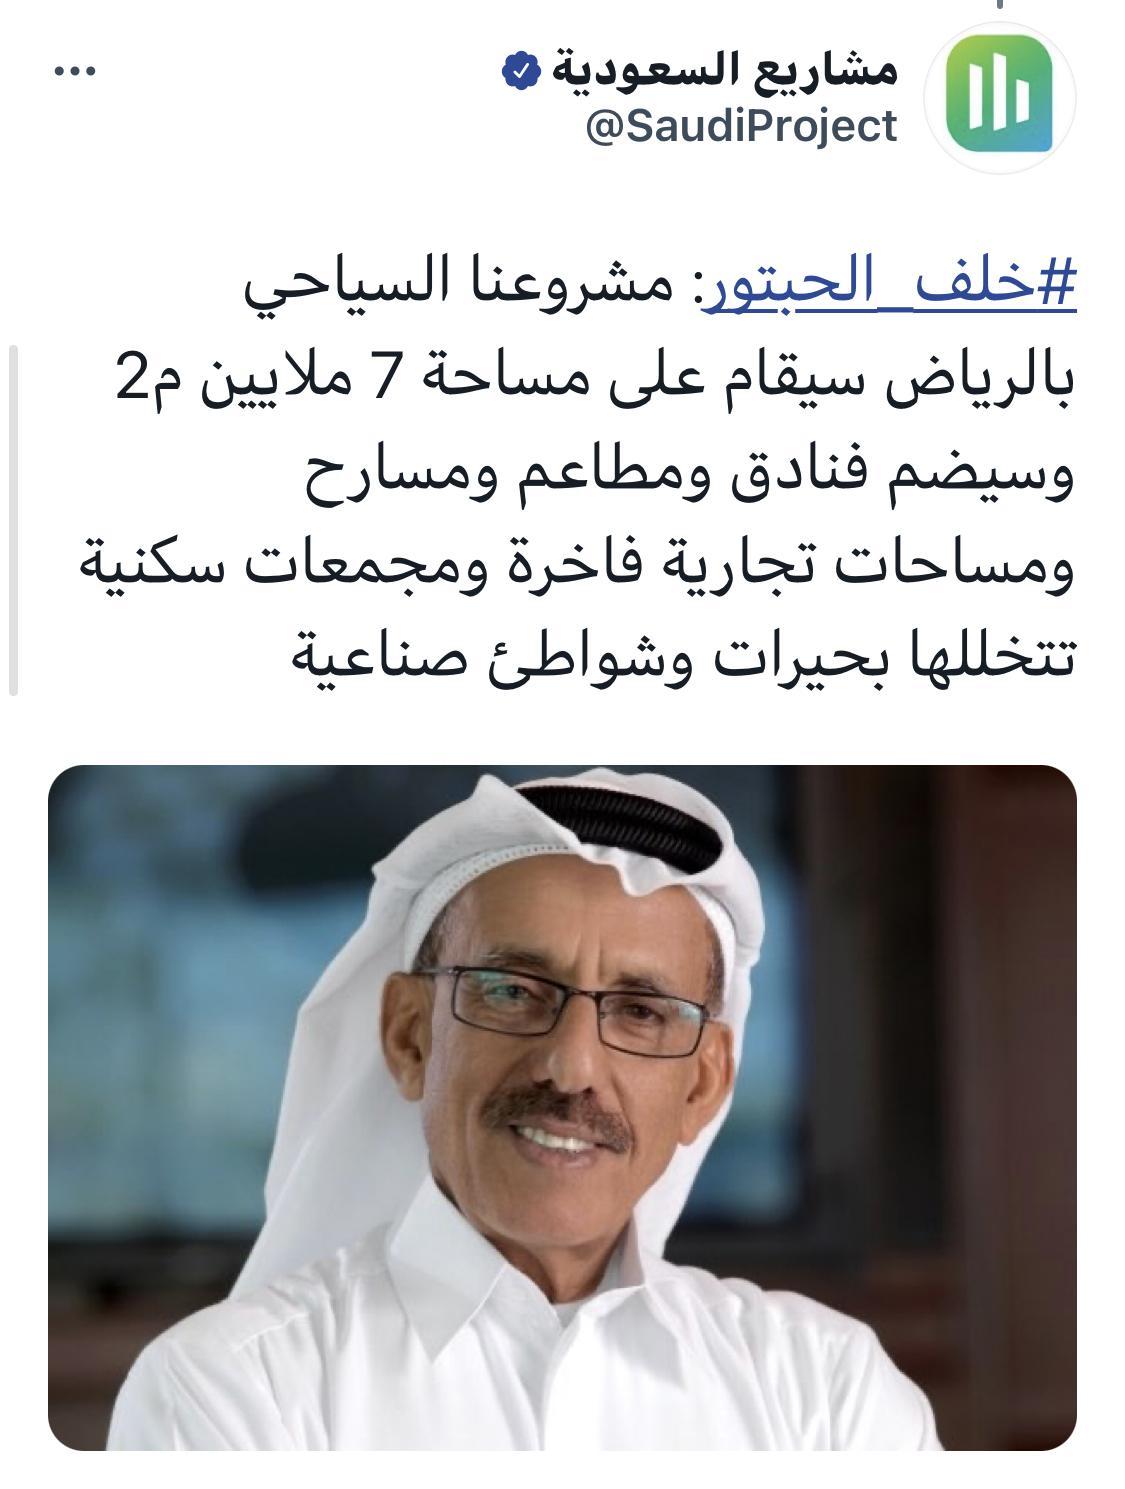 مشروع اماراتي سياحي ضخم ملاصق مخططات منح شرق الرياض طريق رماح والدمام